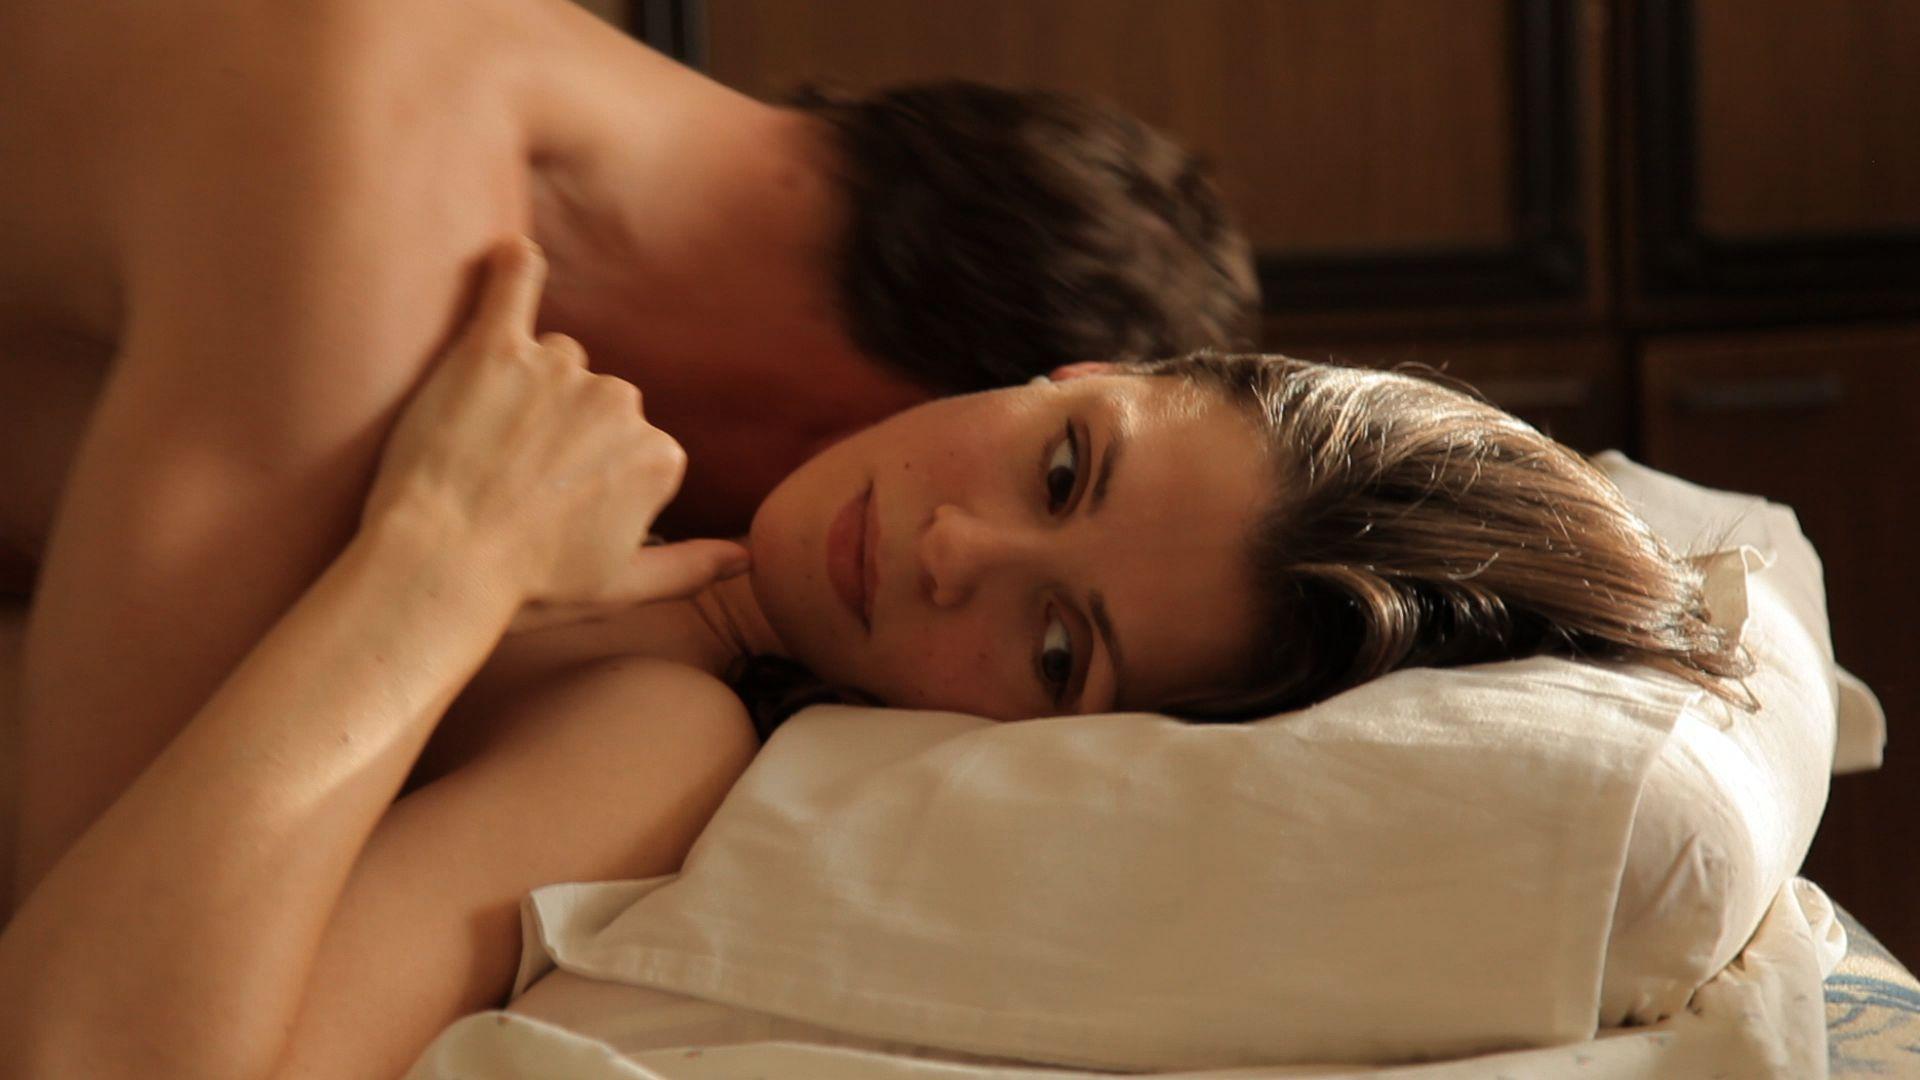 Смотреть фильмы эротики на русском, сексуальная извращенка фото